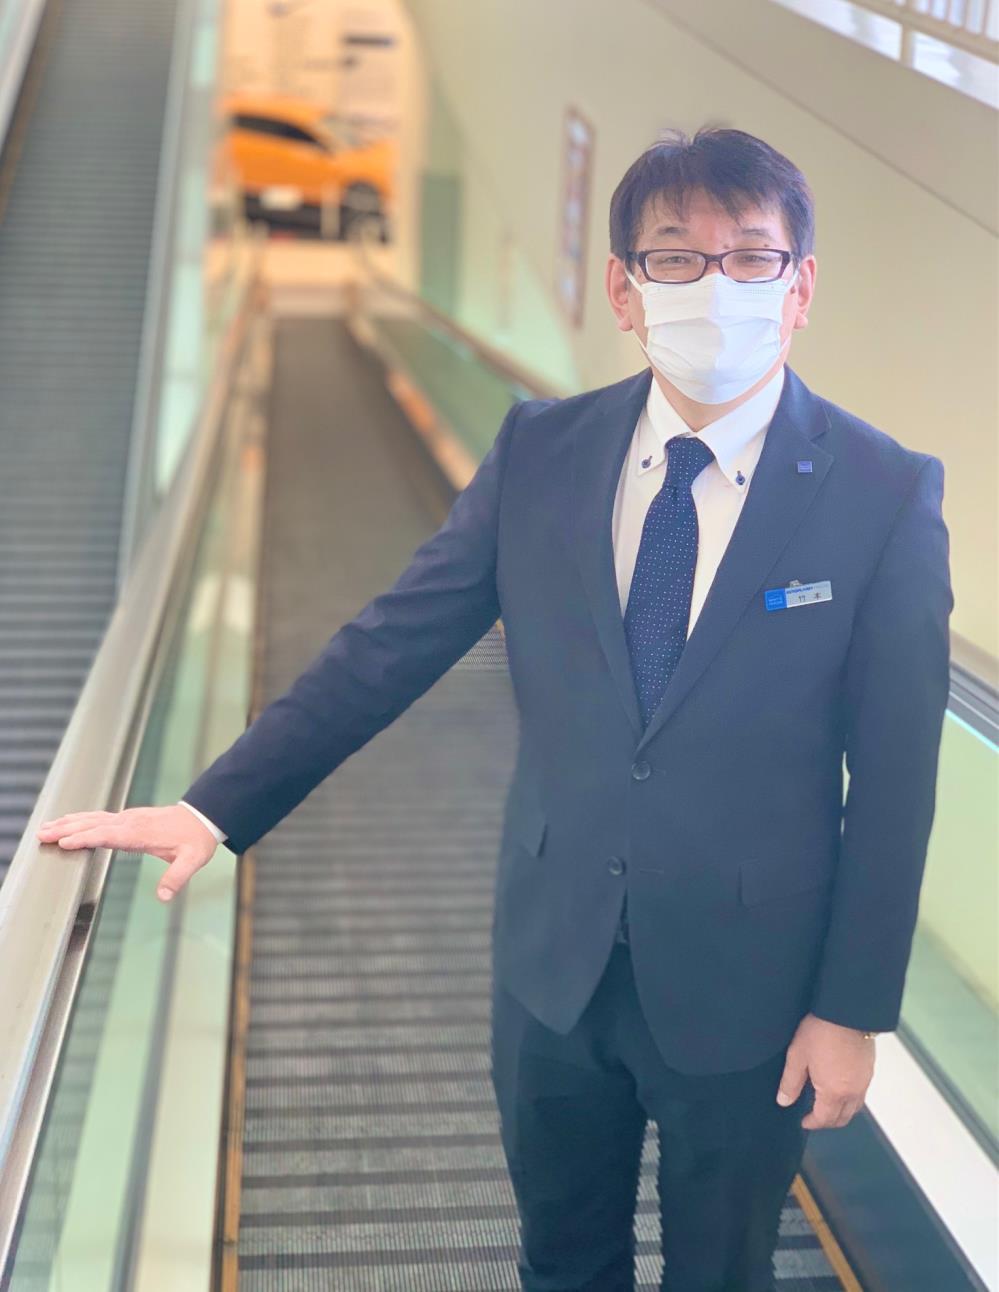 竹本ちゃん2021春-4.jpg